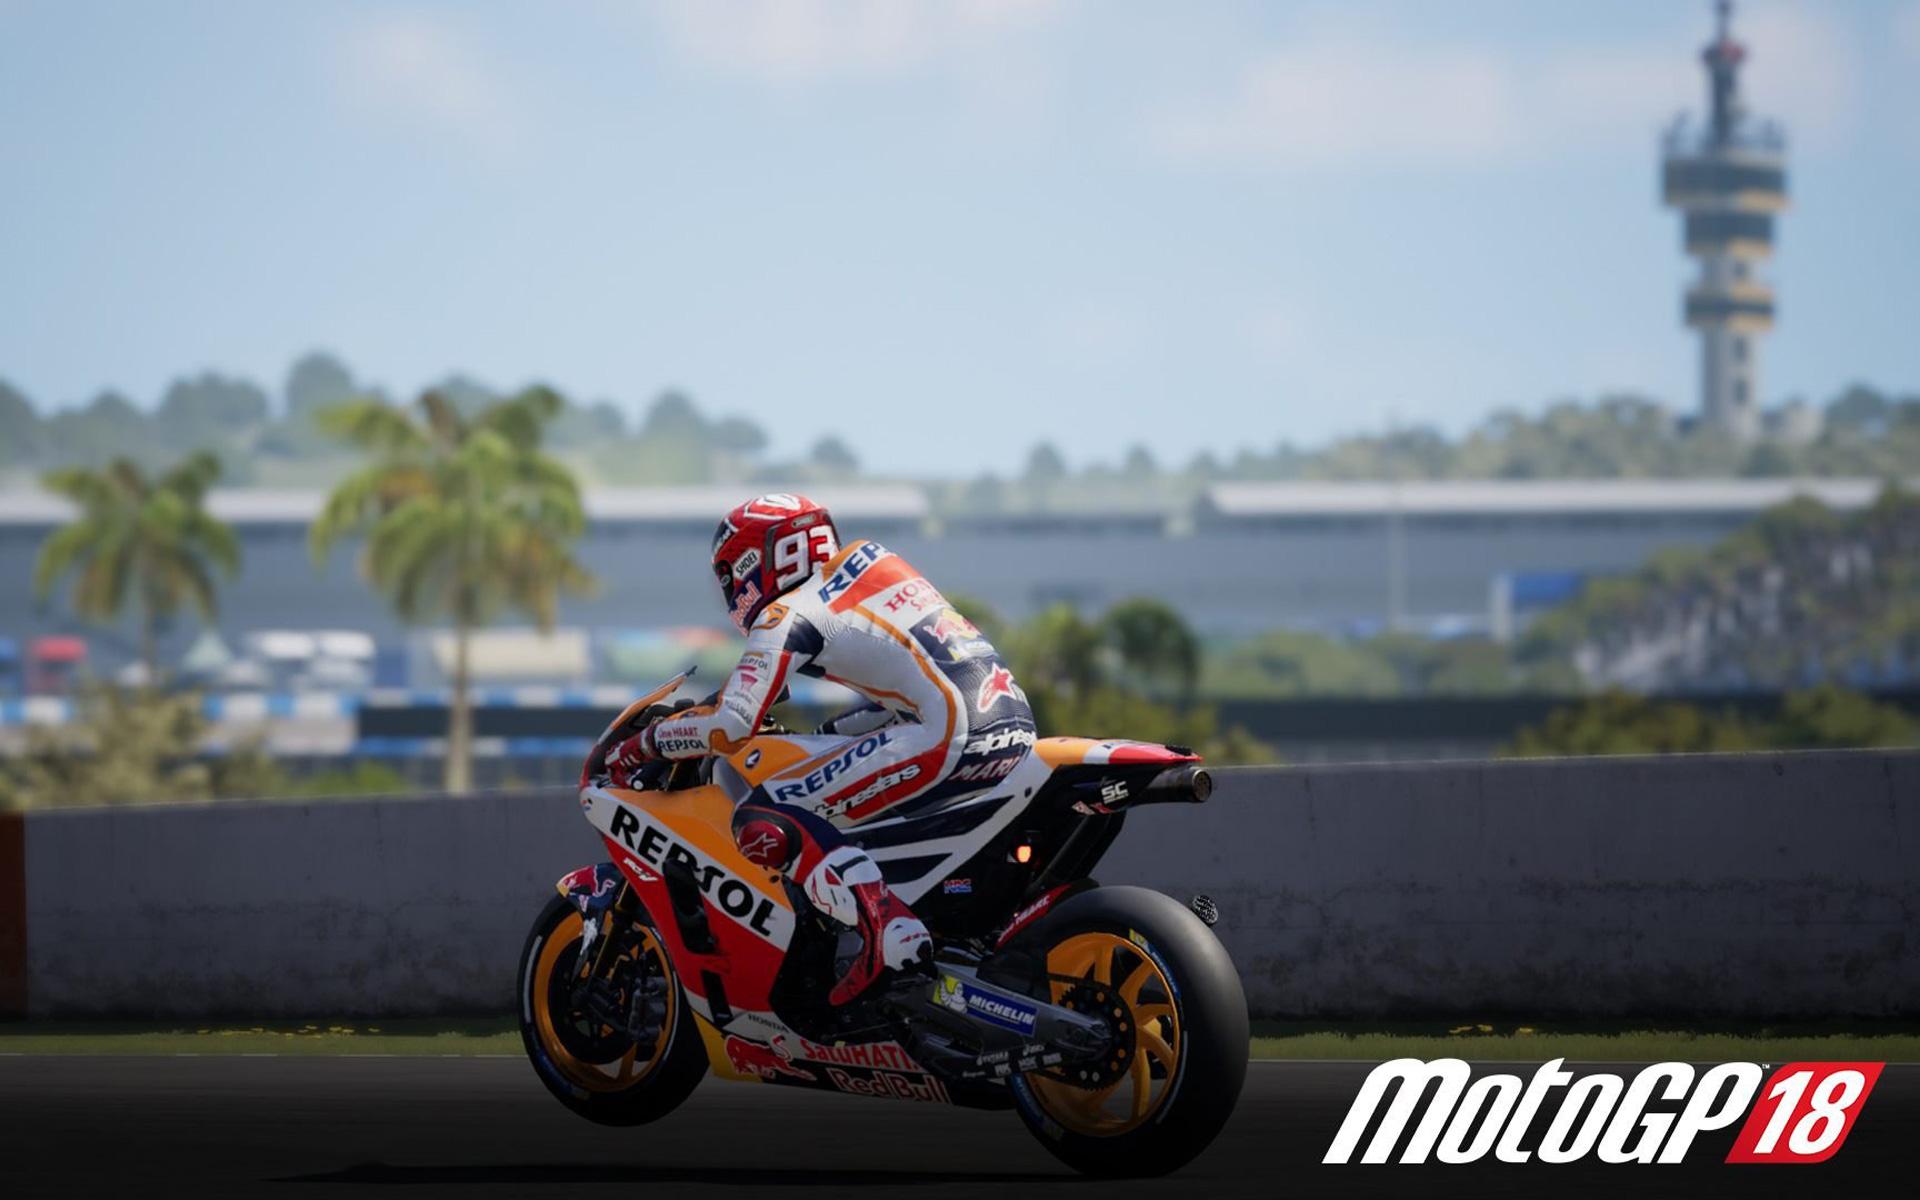 Free MotoGP 18 Wallpaper in 1920x1200